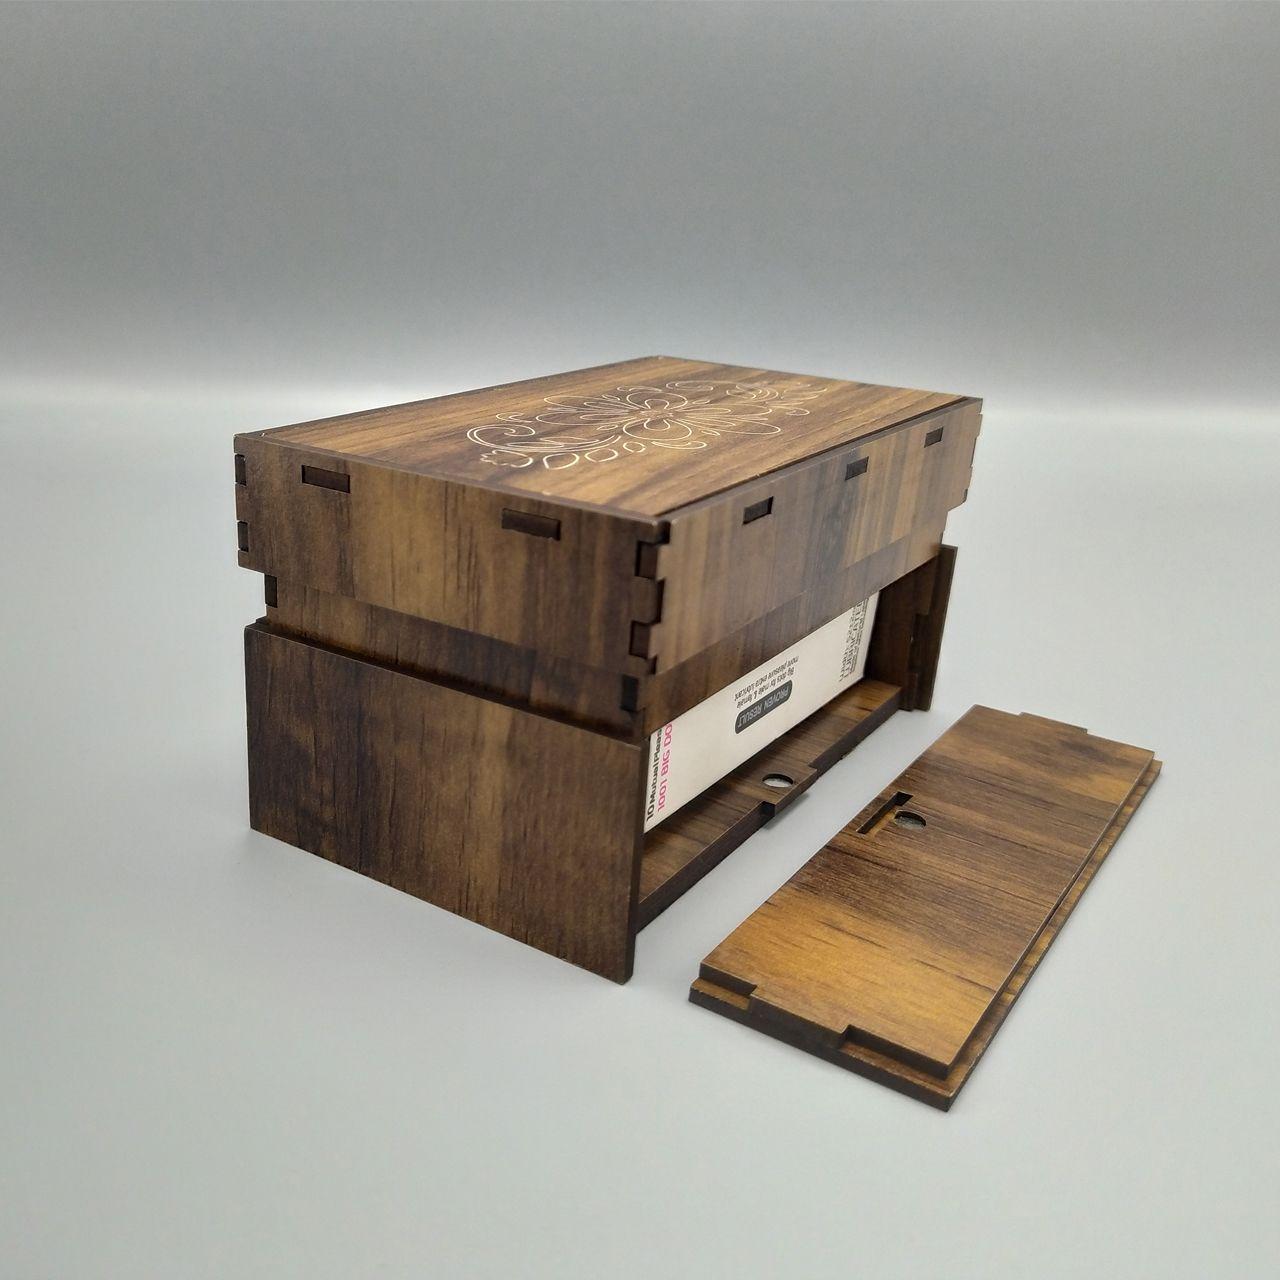 جعبه کاندوم کد 001 main 1 4